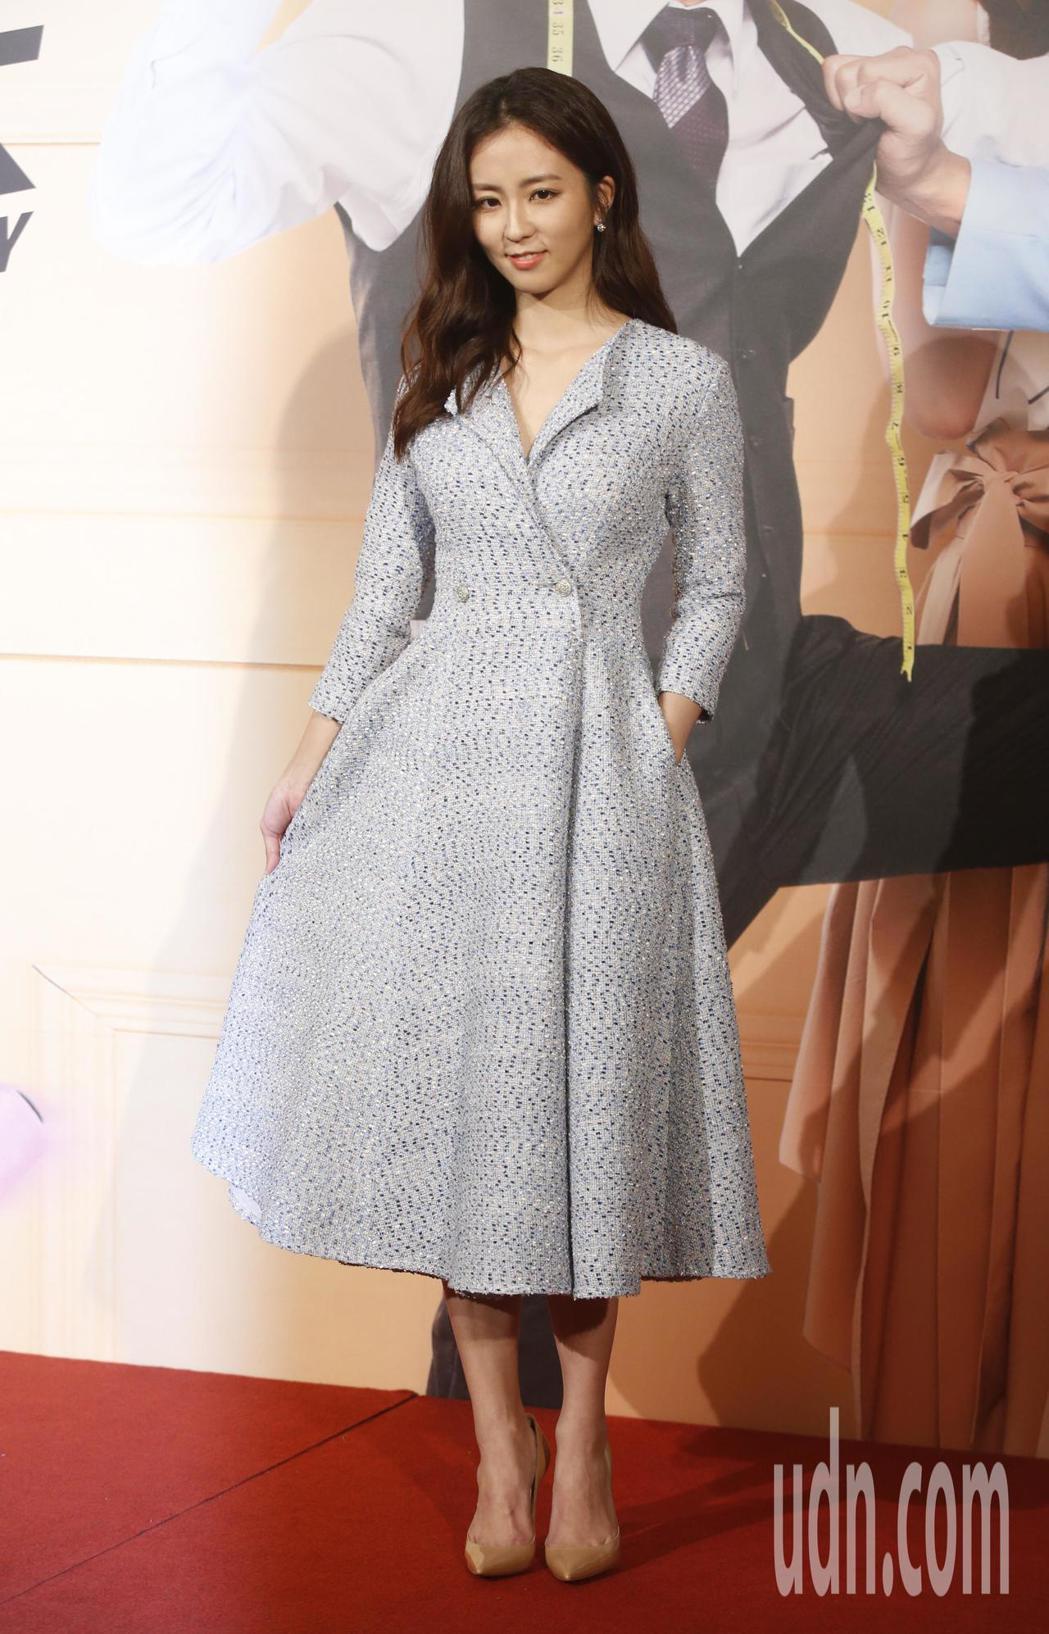 三立新八點華劇「必勝大丈夫」下午舉行首映會,女主角周曉涵。記者鄭超文/攝影